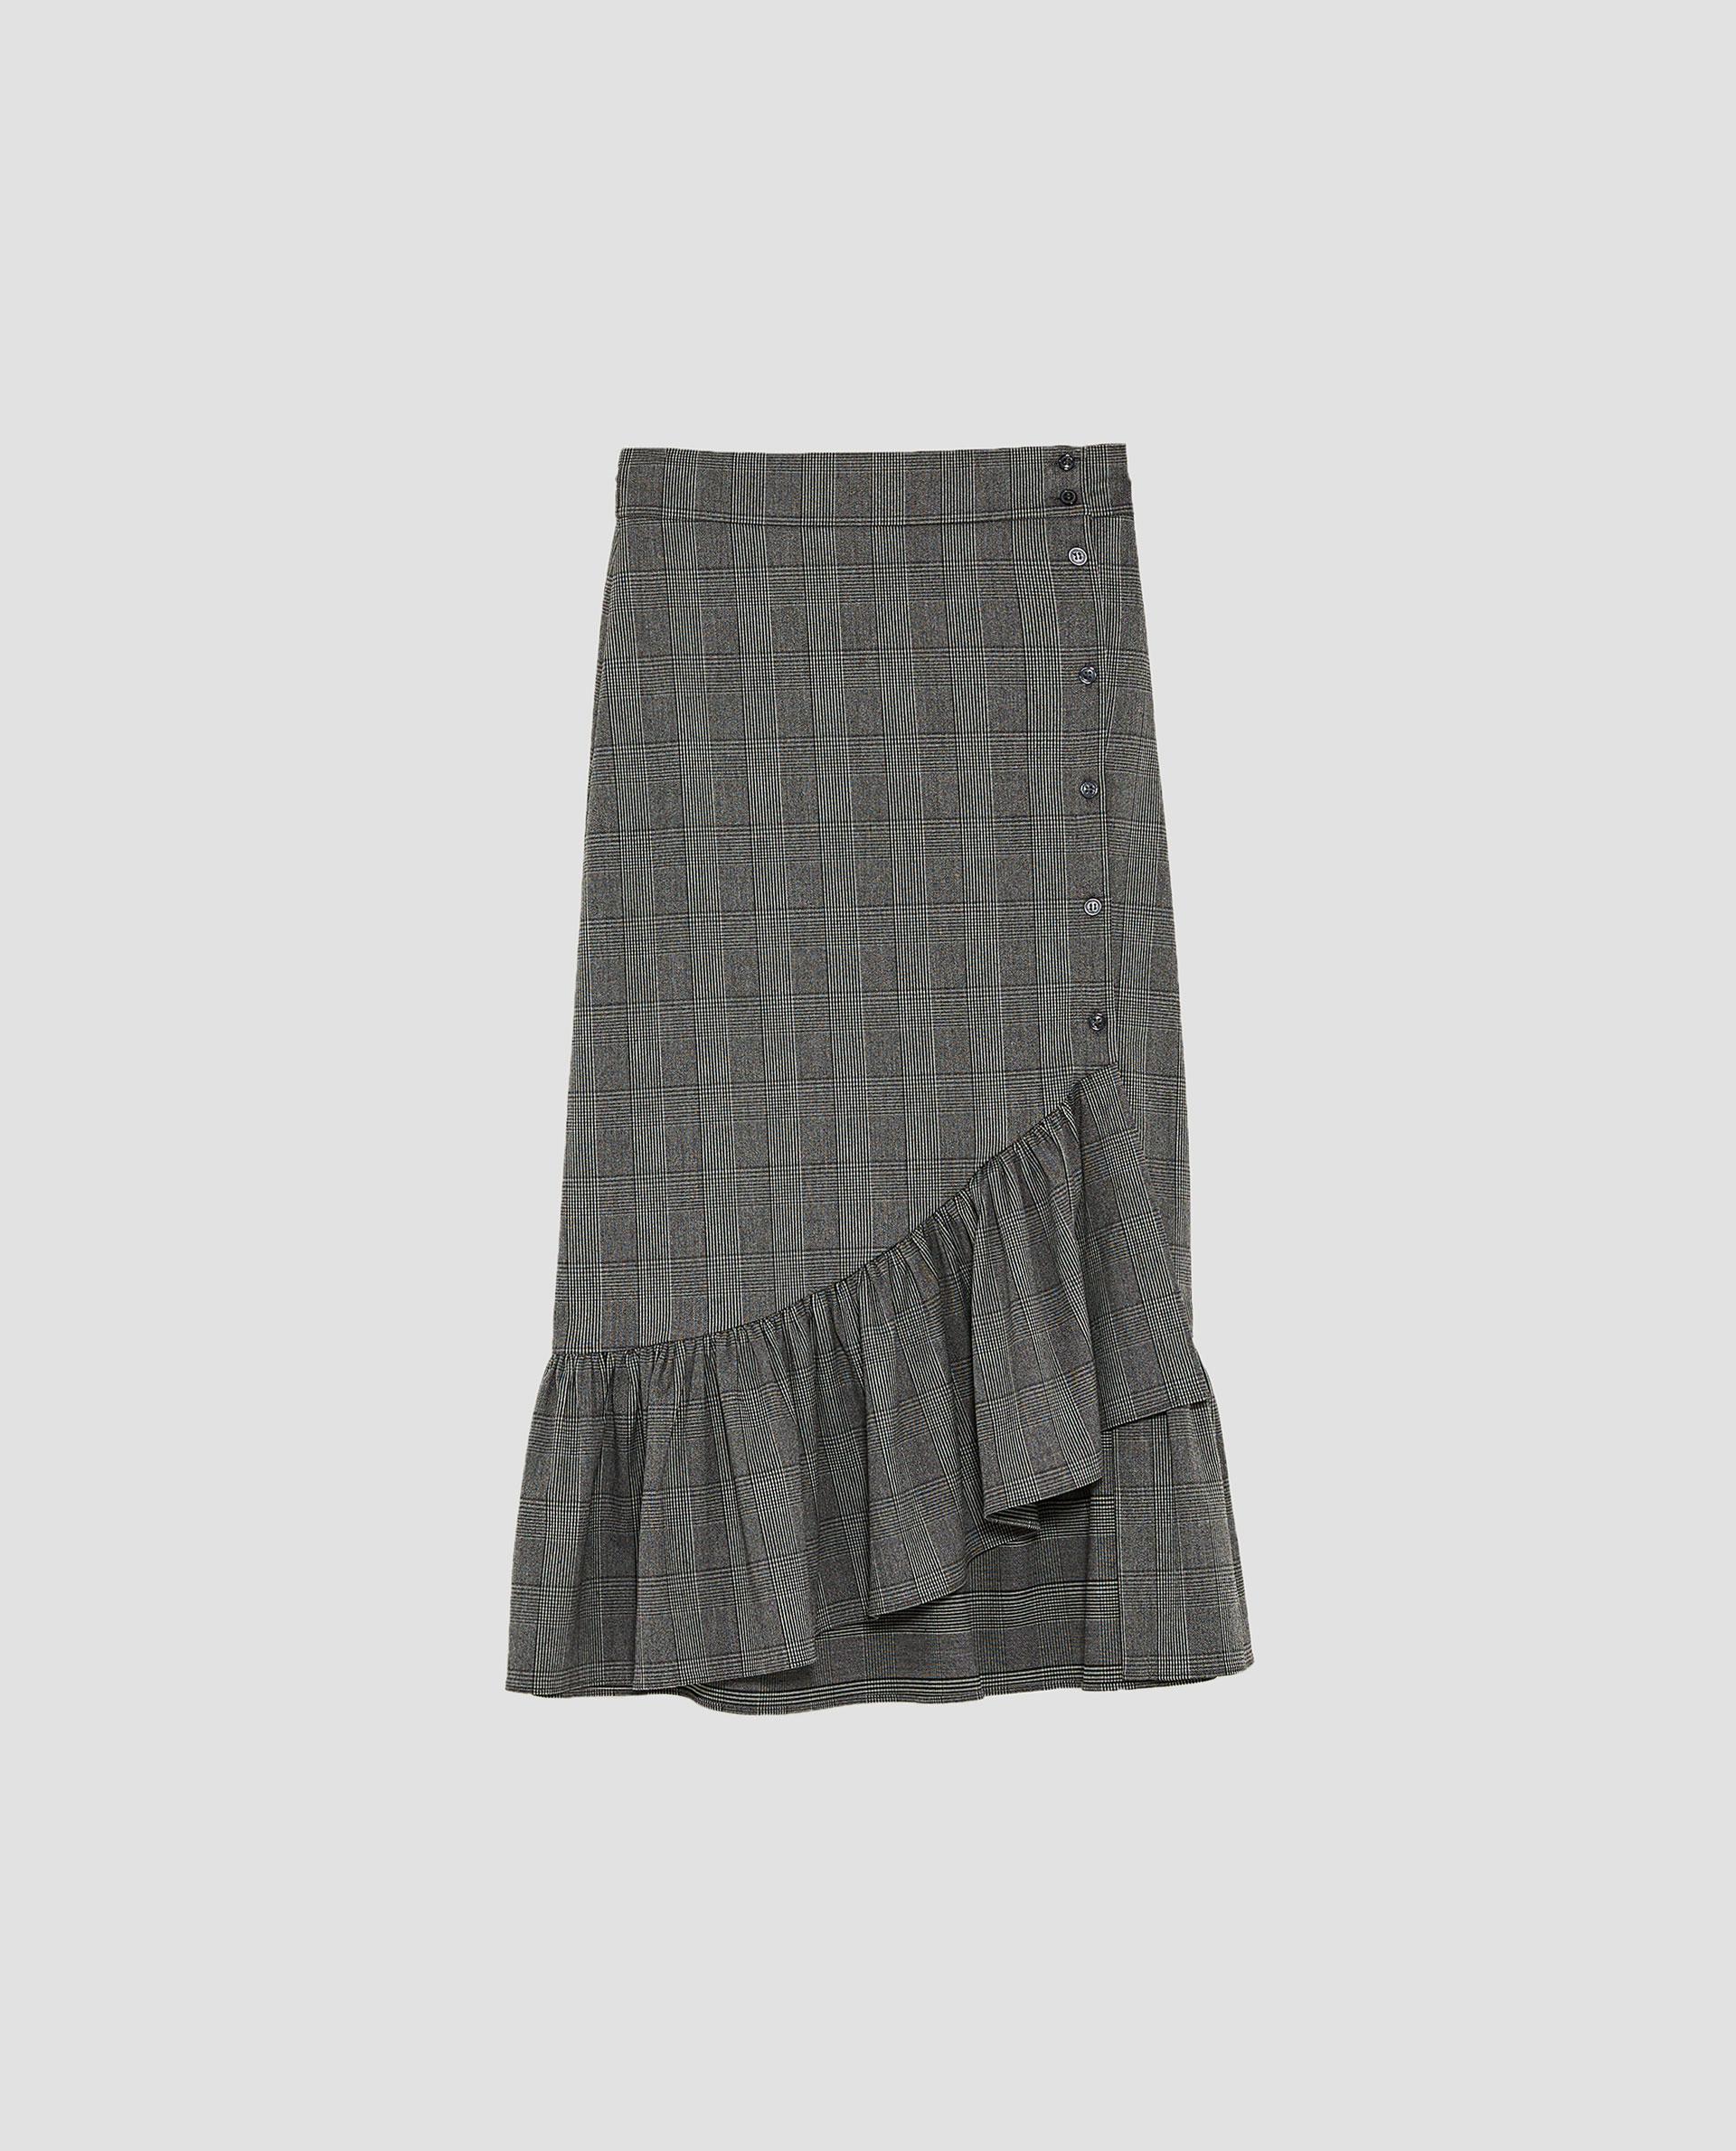 芸能人がホンマでっか!?TVで着用した衣装ブラウス、スカート